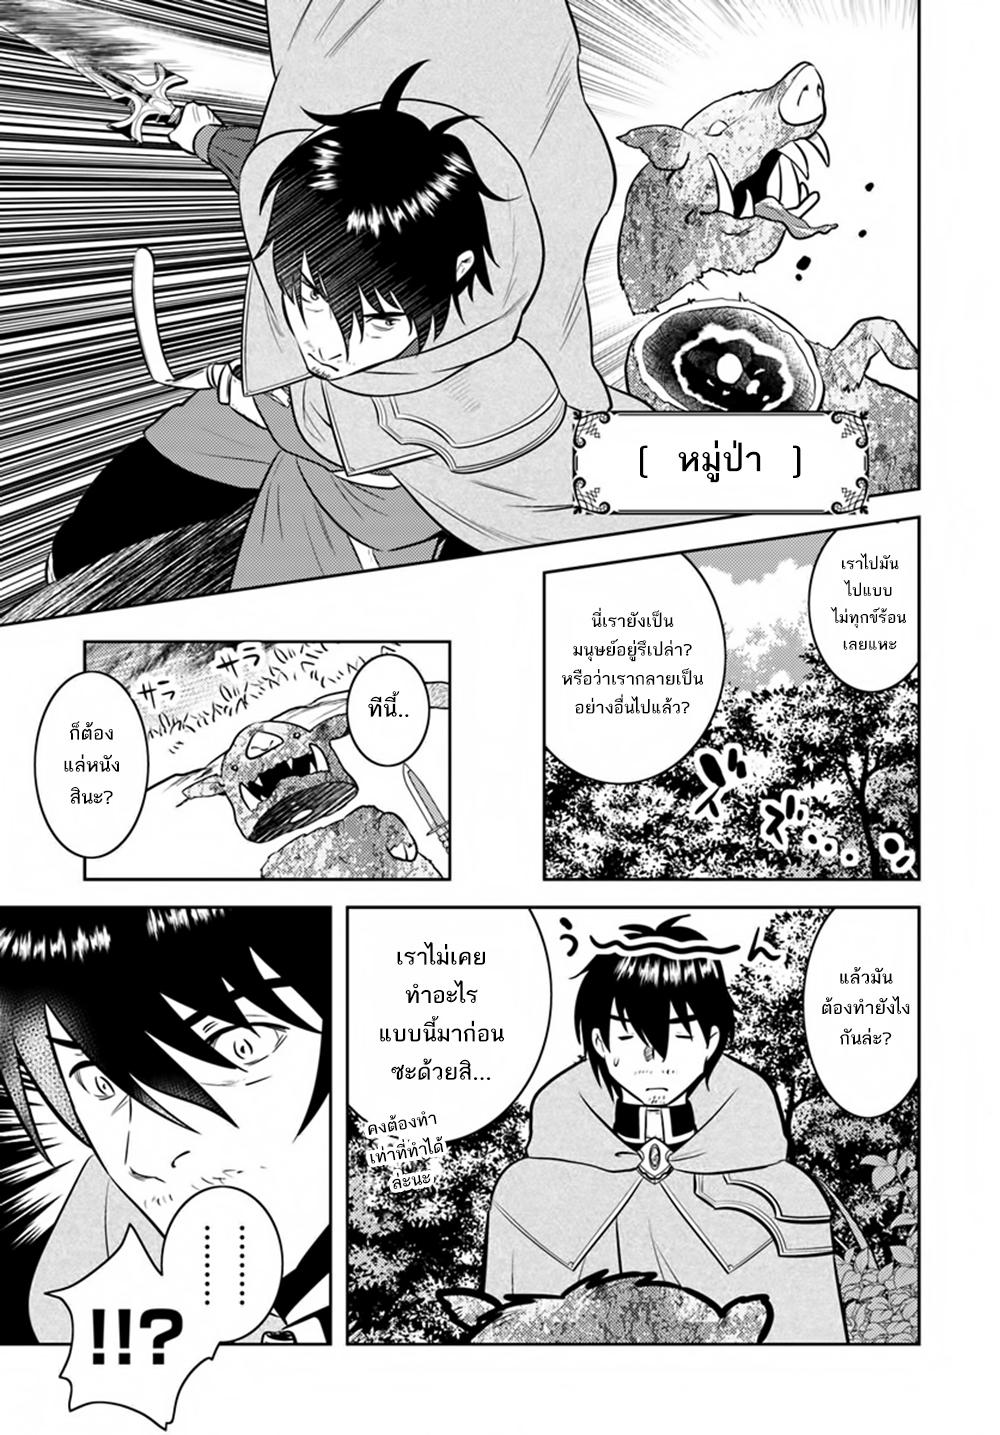 อ่านการ์ตูน Arafoo Kenja no Isekai Seikatsu Nikki ตอนที่ 2 หน้าที่ 6